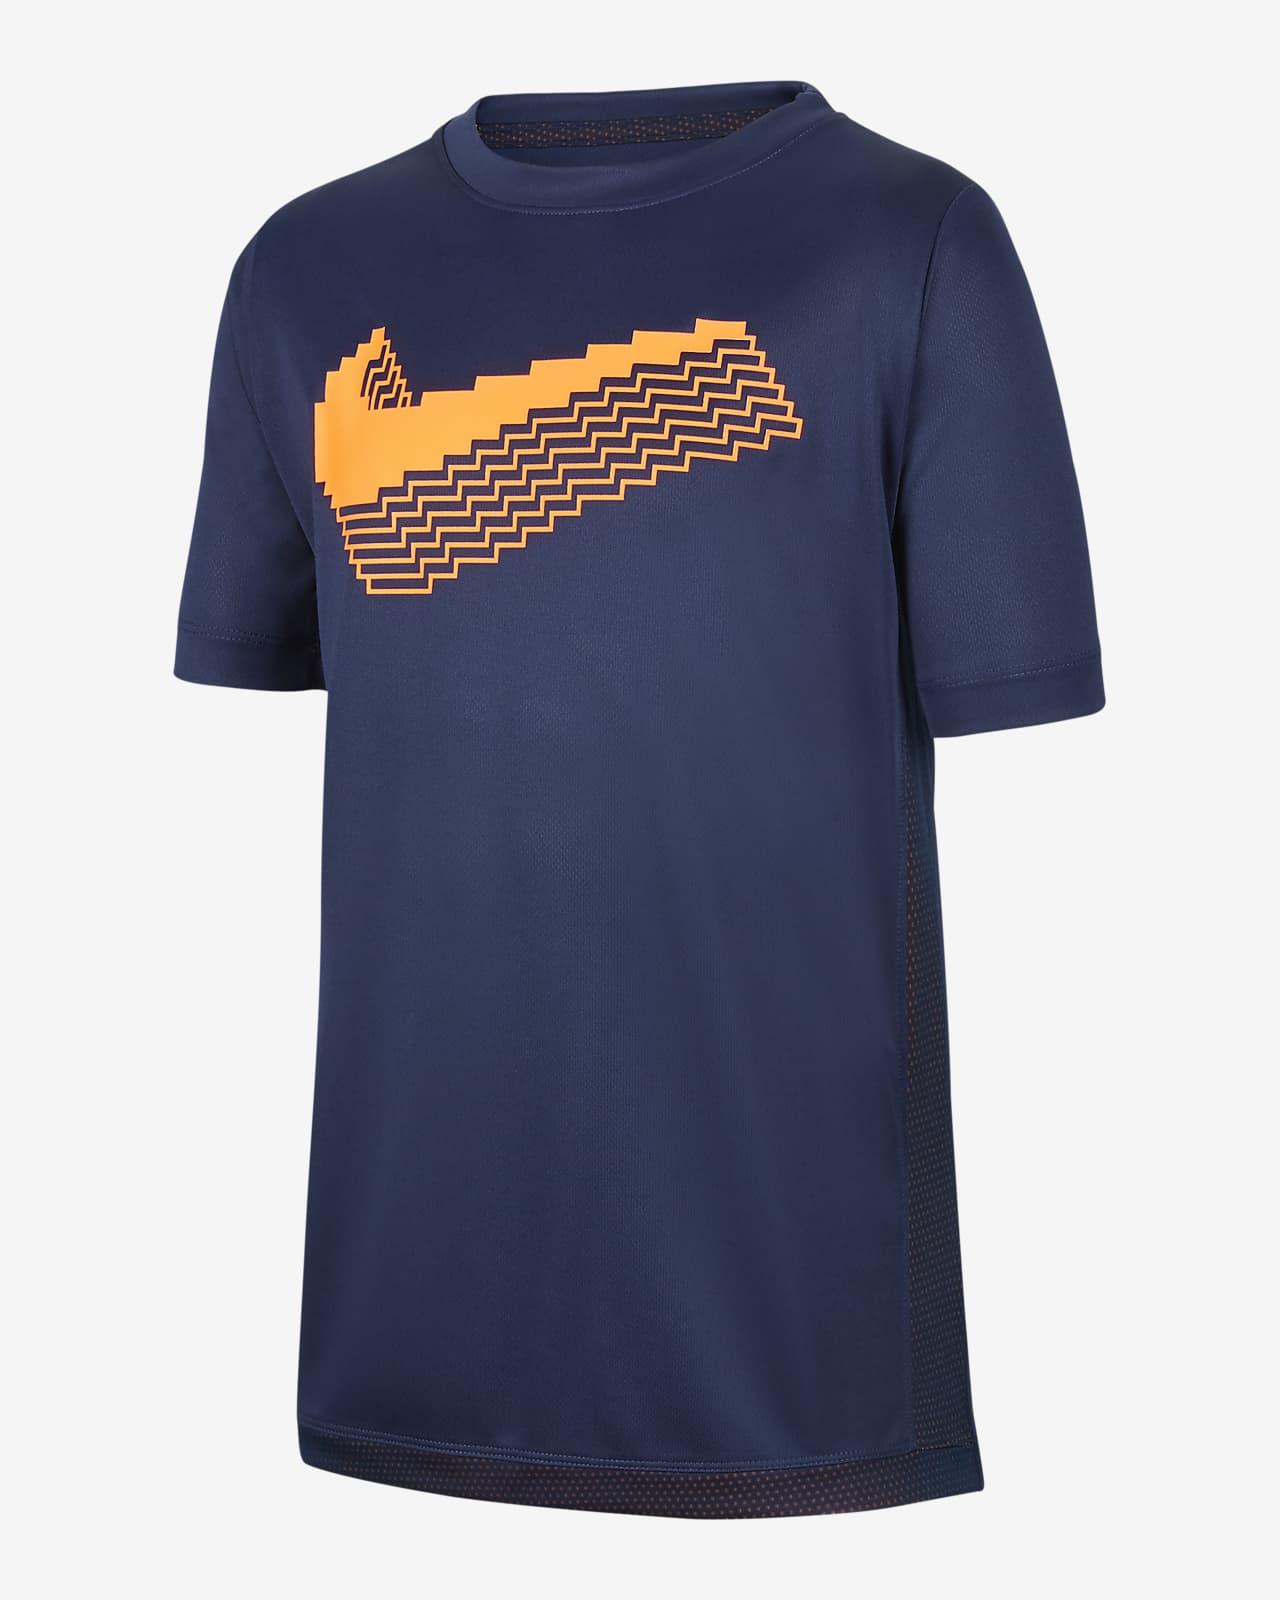 เสื้อเทรนนิ่งแขนสั้นเด็กโตมีกราฟิก Nike Trophy (ชาย)